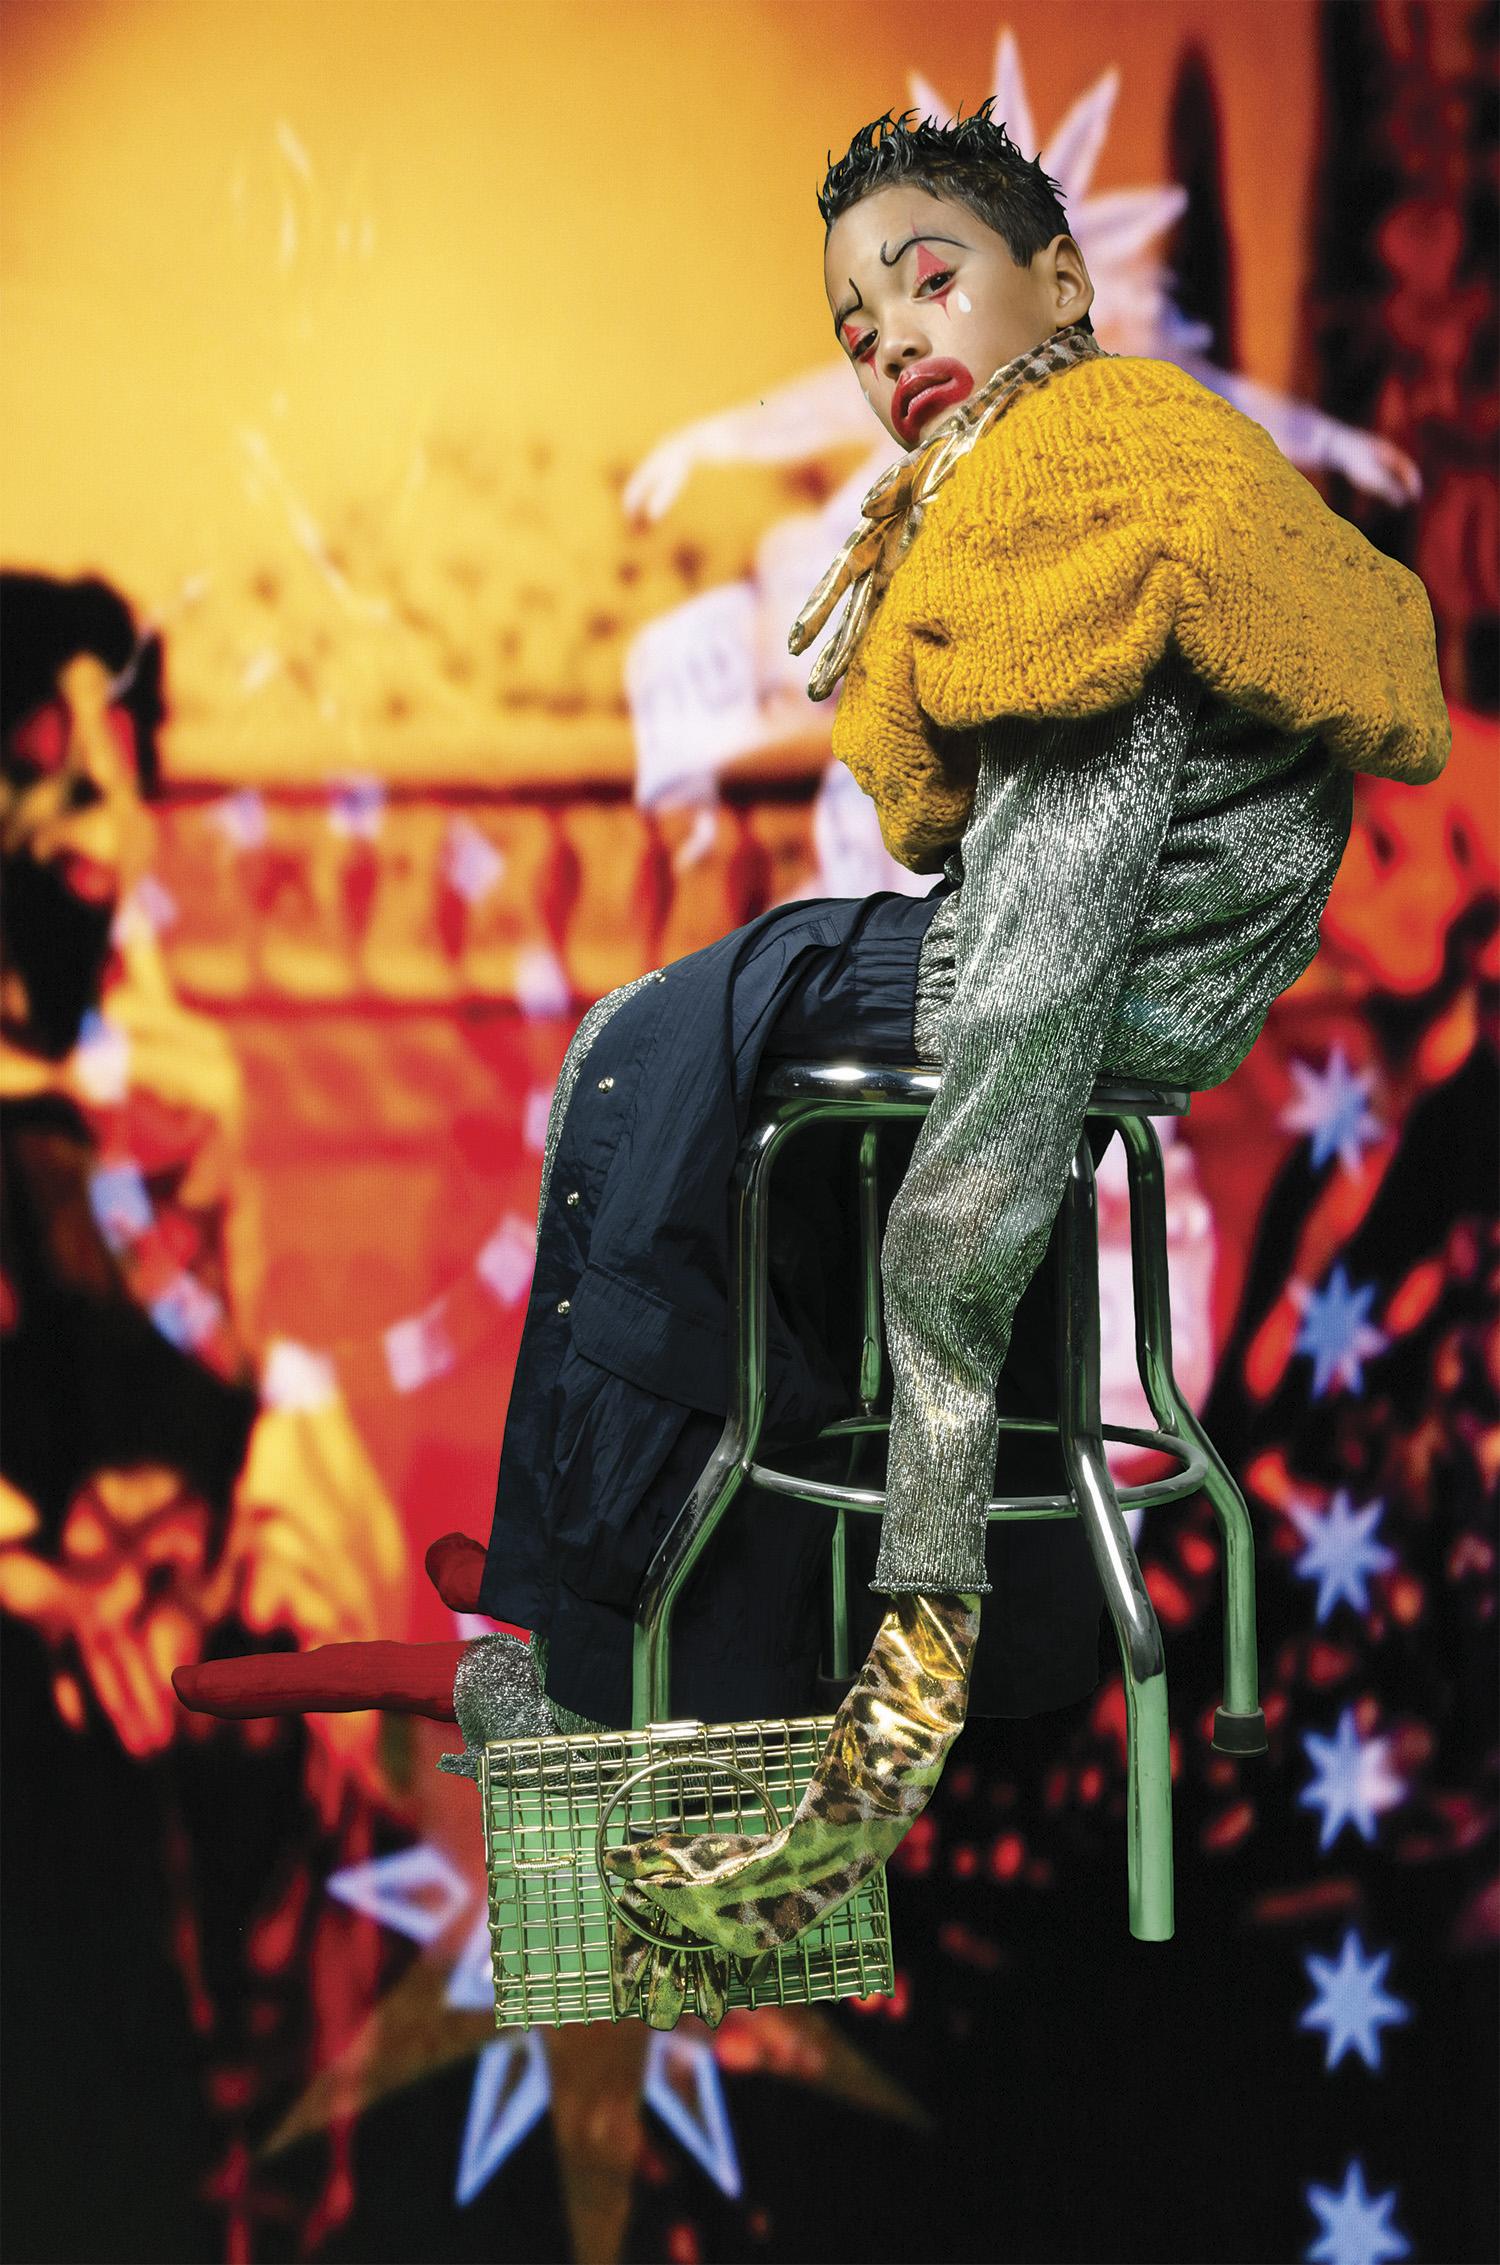 Falda tejida: Bee by Lia Sordo Jumpsuit y guantes: Raúl Orozco Falda: AYCH Bolso: ANNDRA NEEN